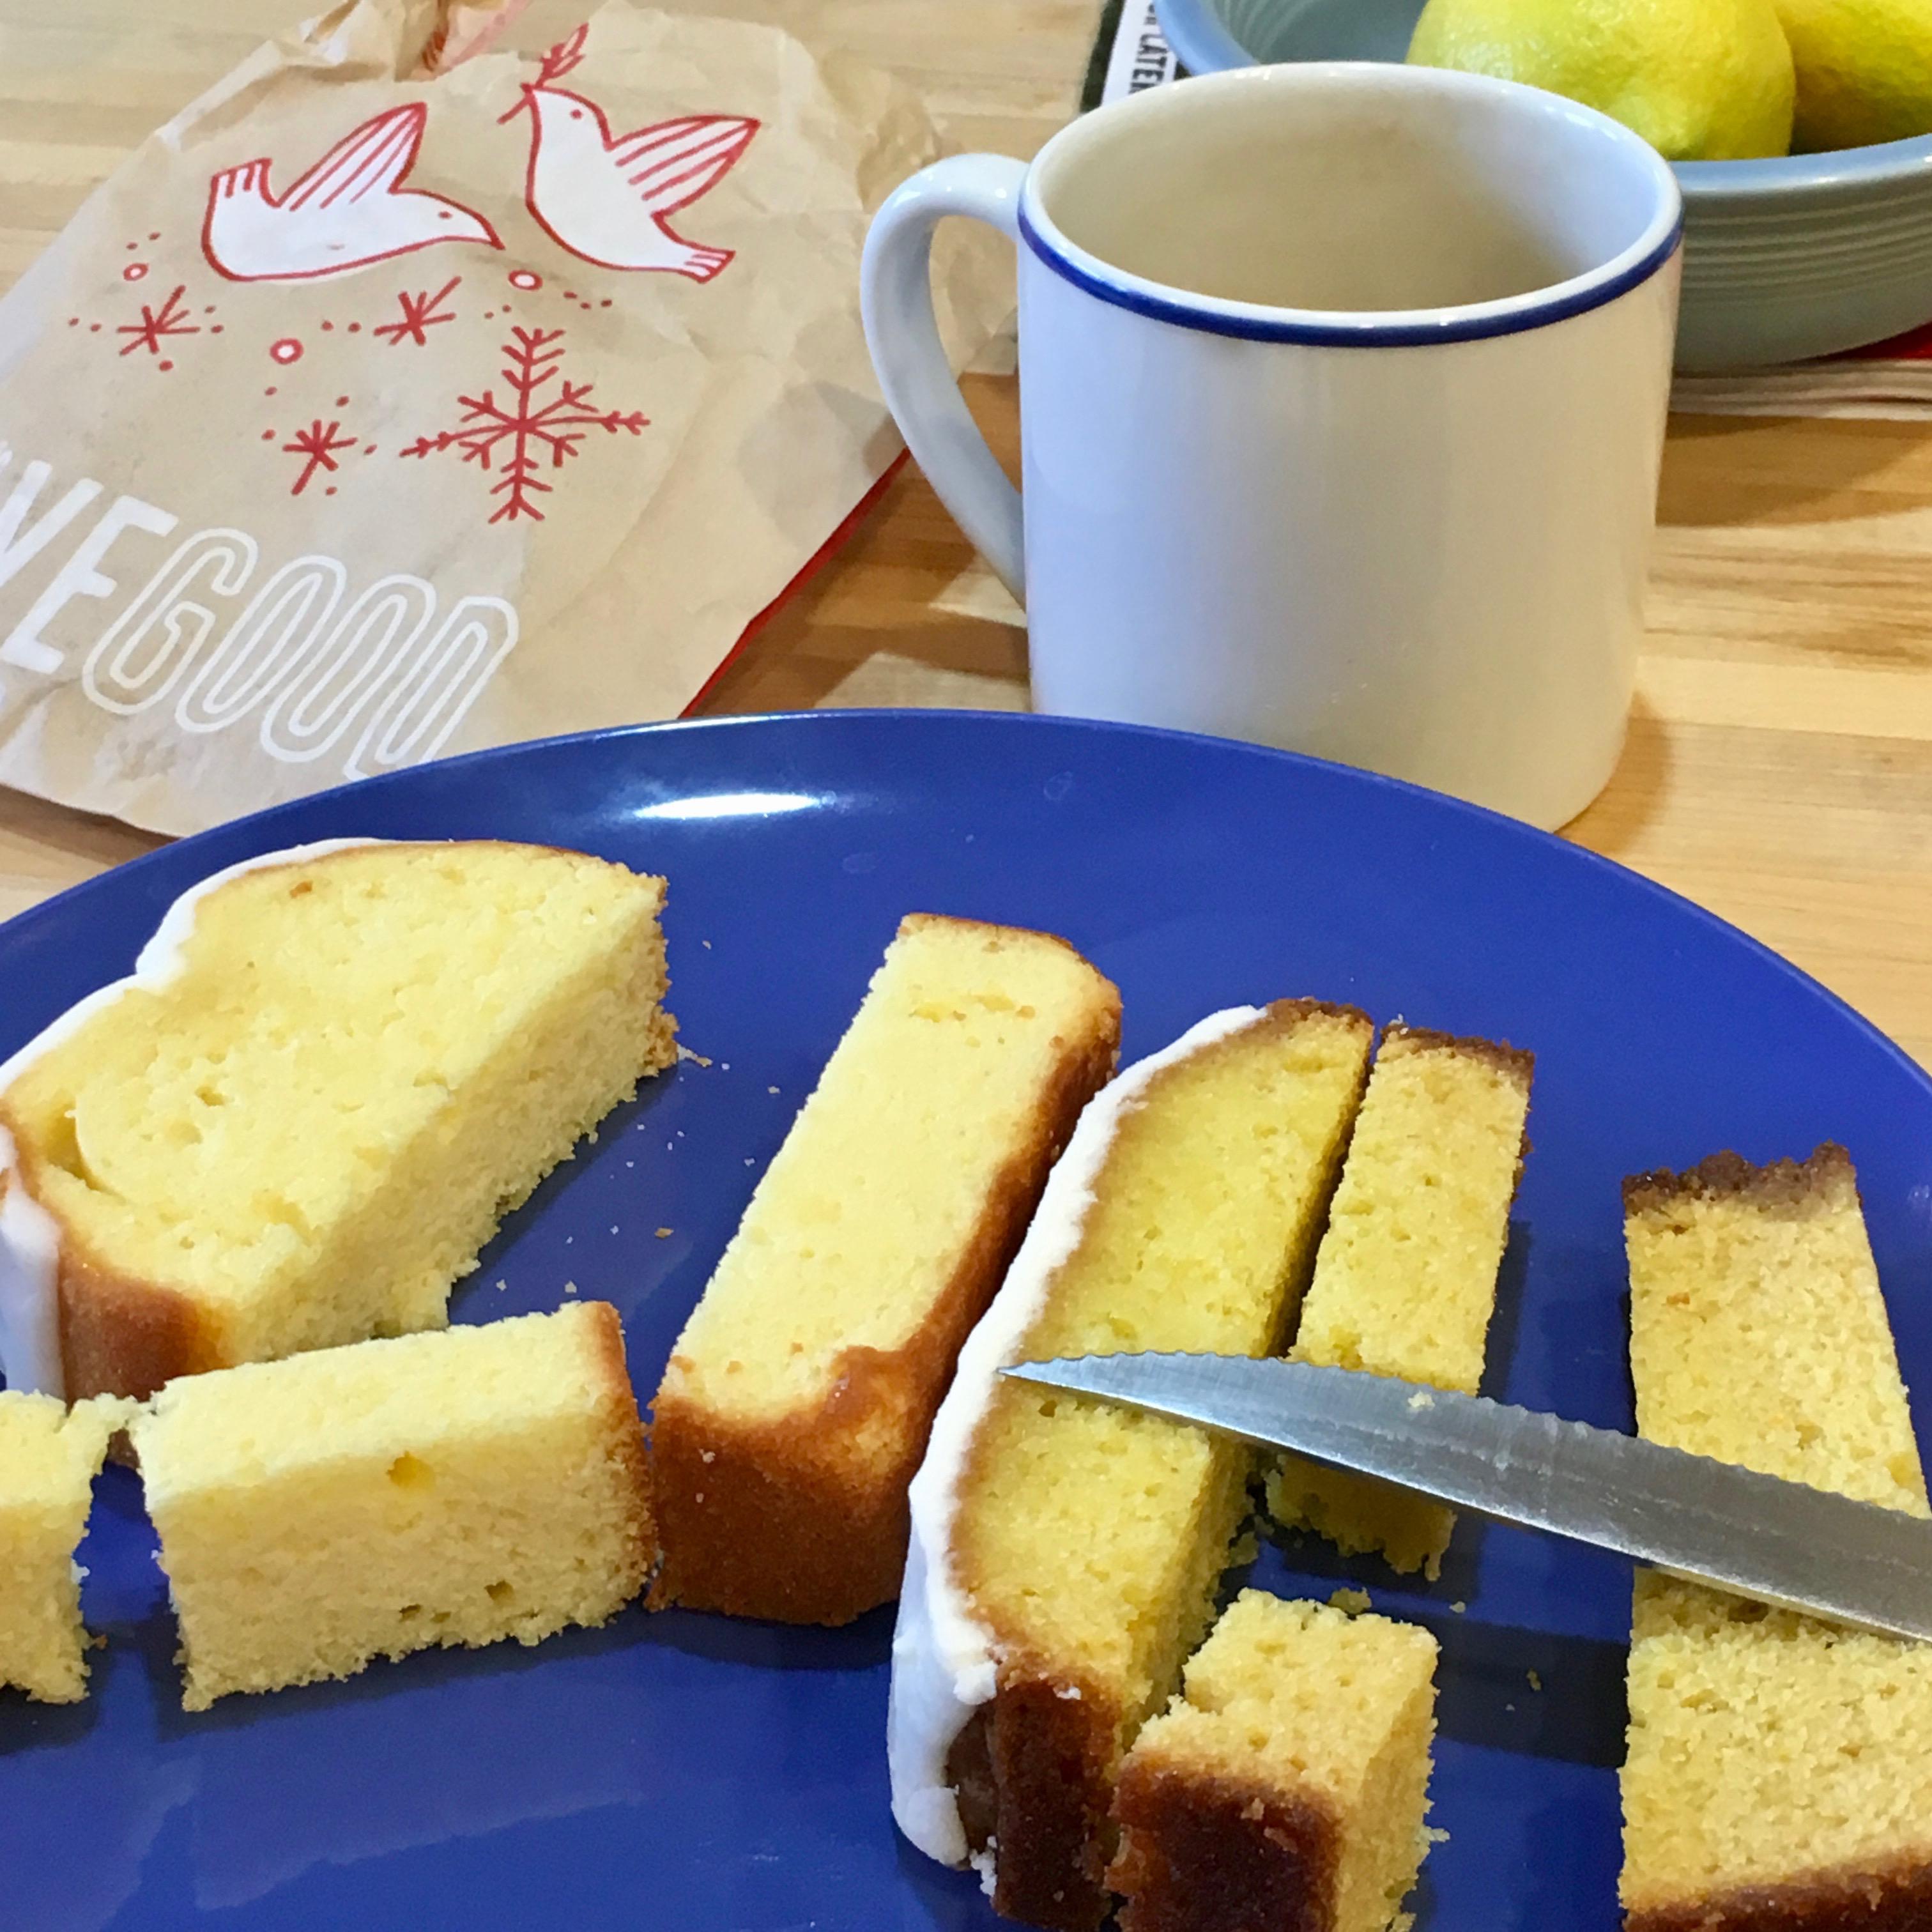 slices of lemon cake